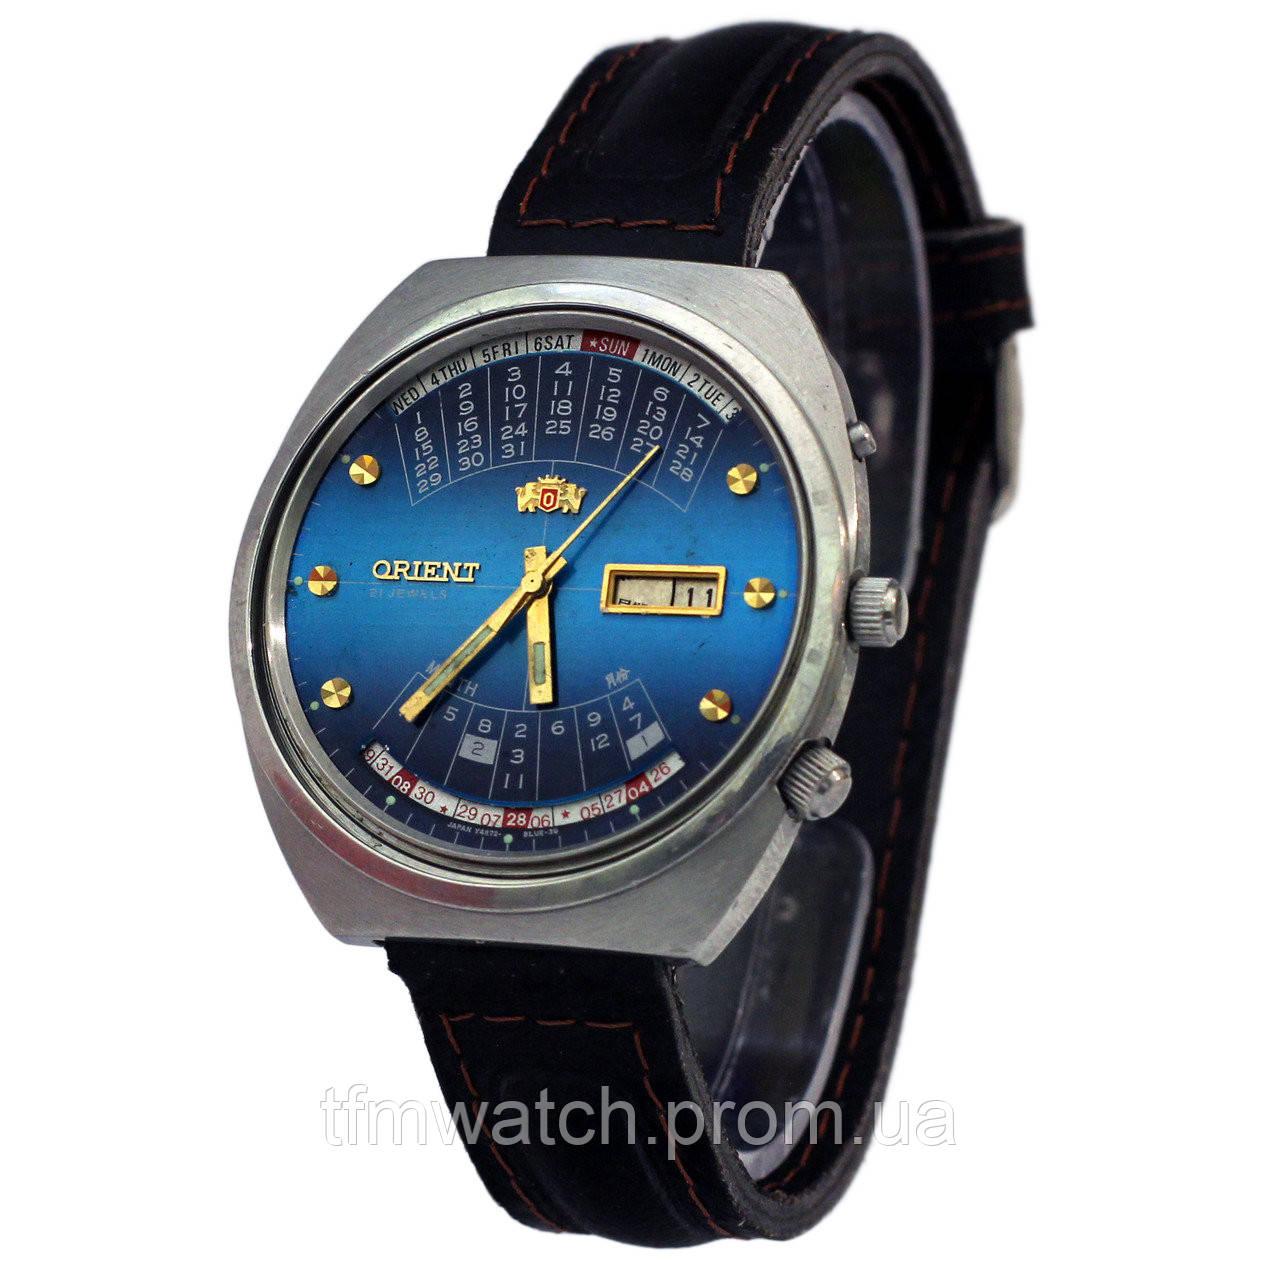 В продать москве orient часы сейко дорогие часы